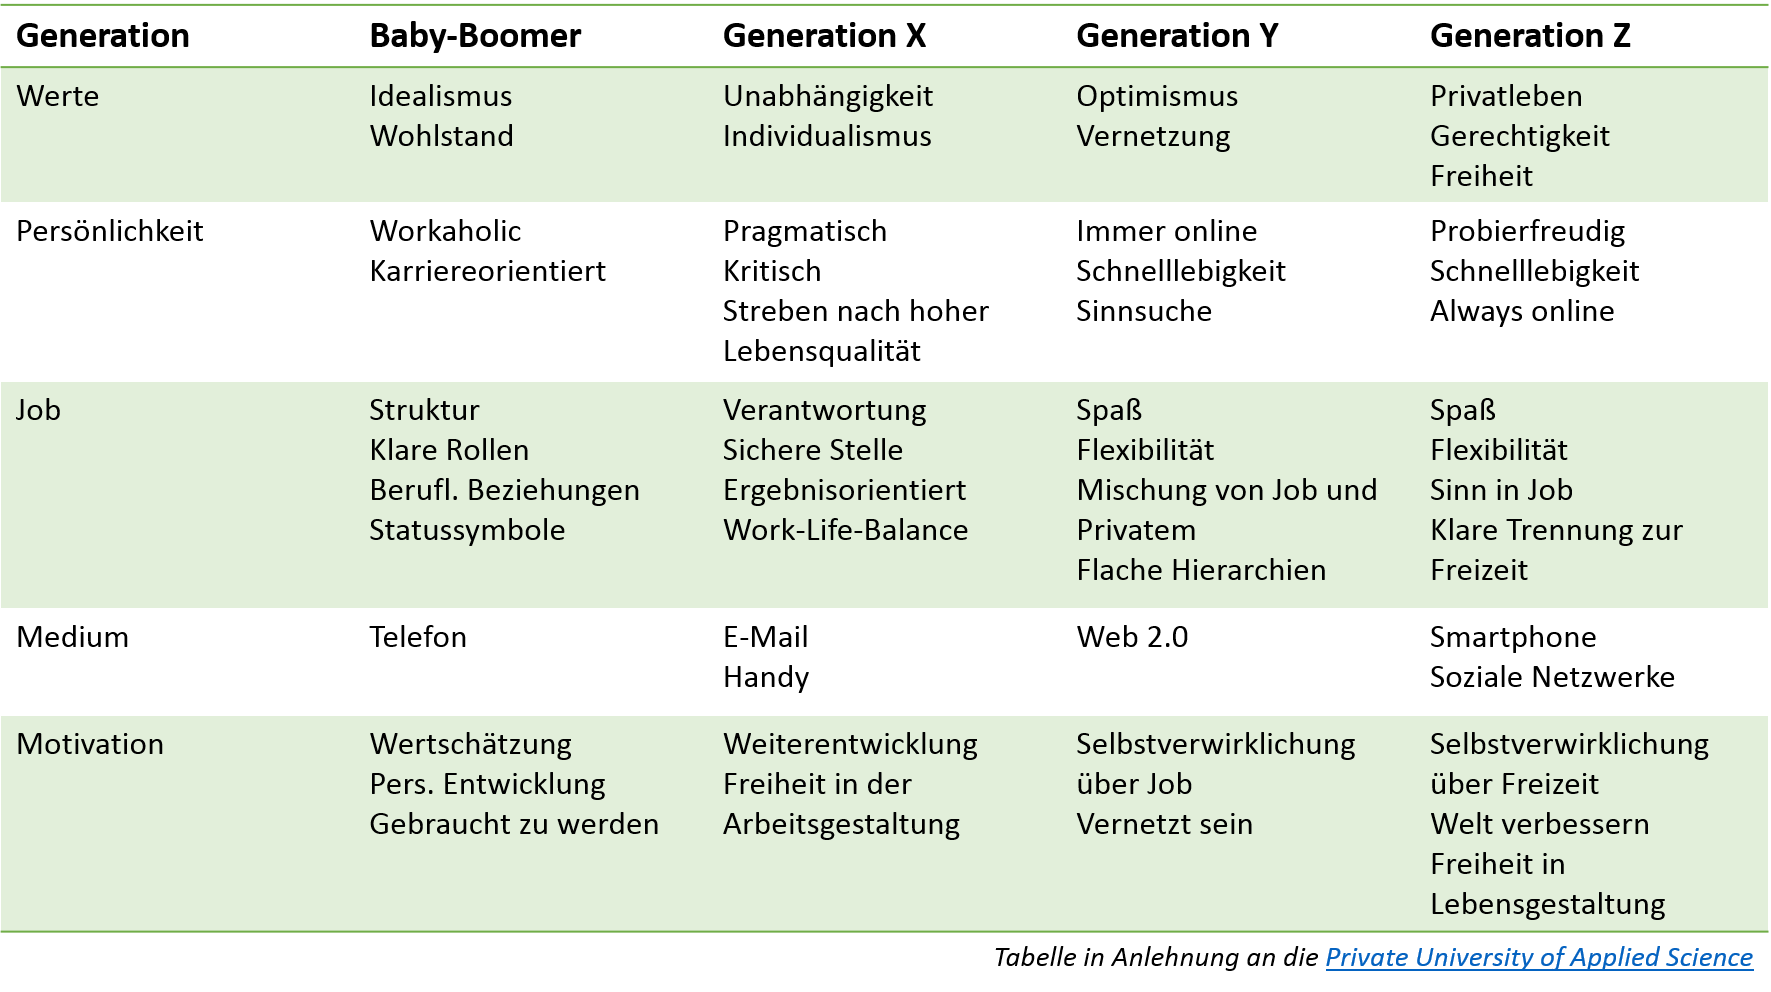 Tabelle zur Darstellung der Merkmale der Generationen Baby-Boomer, X, Y und Z.